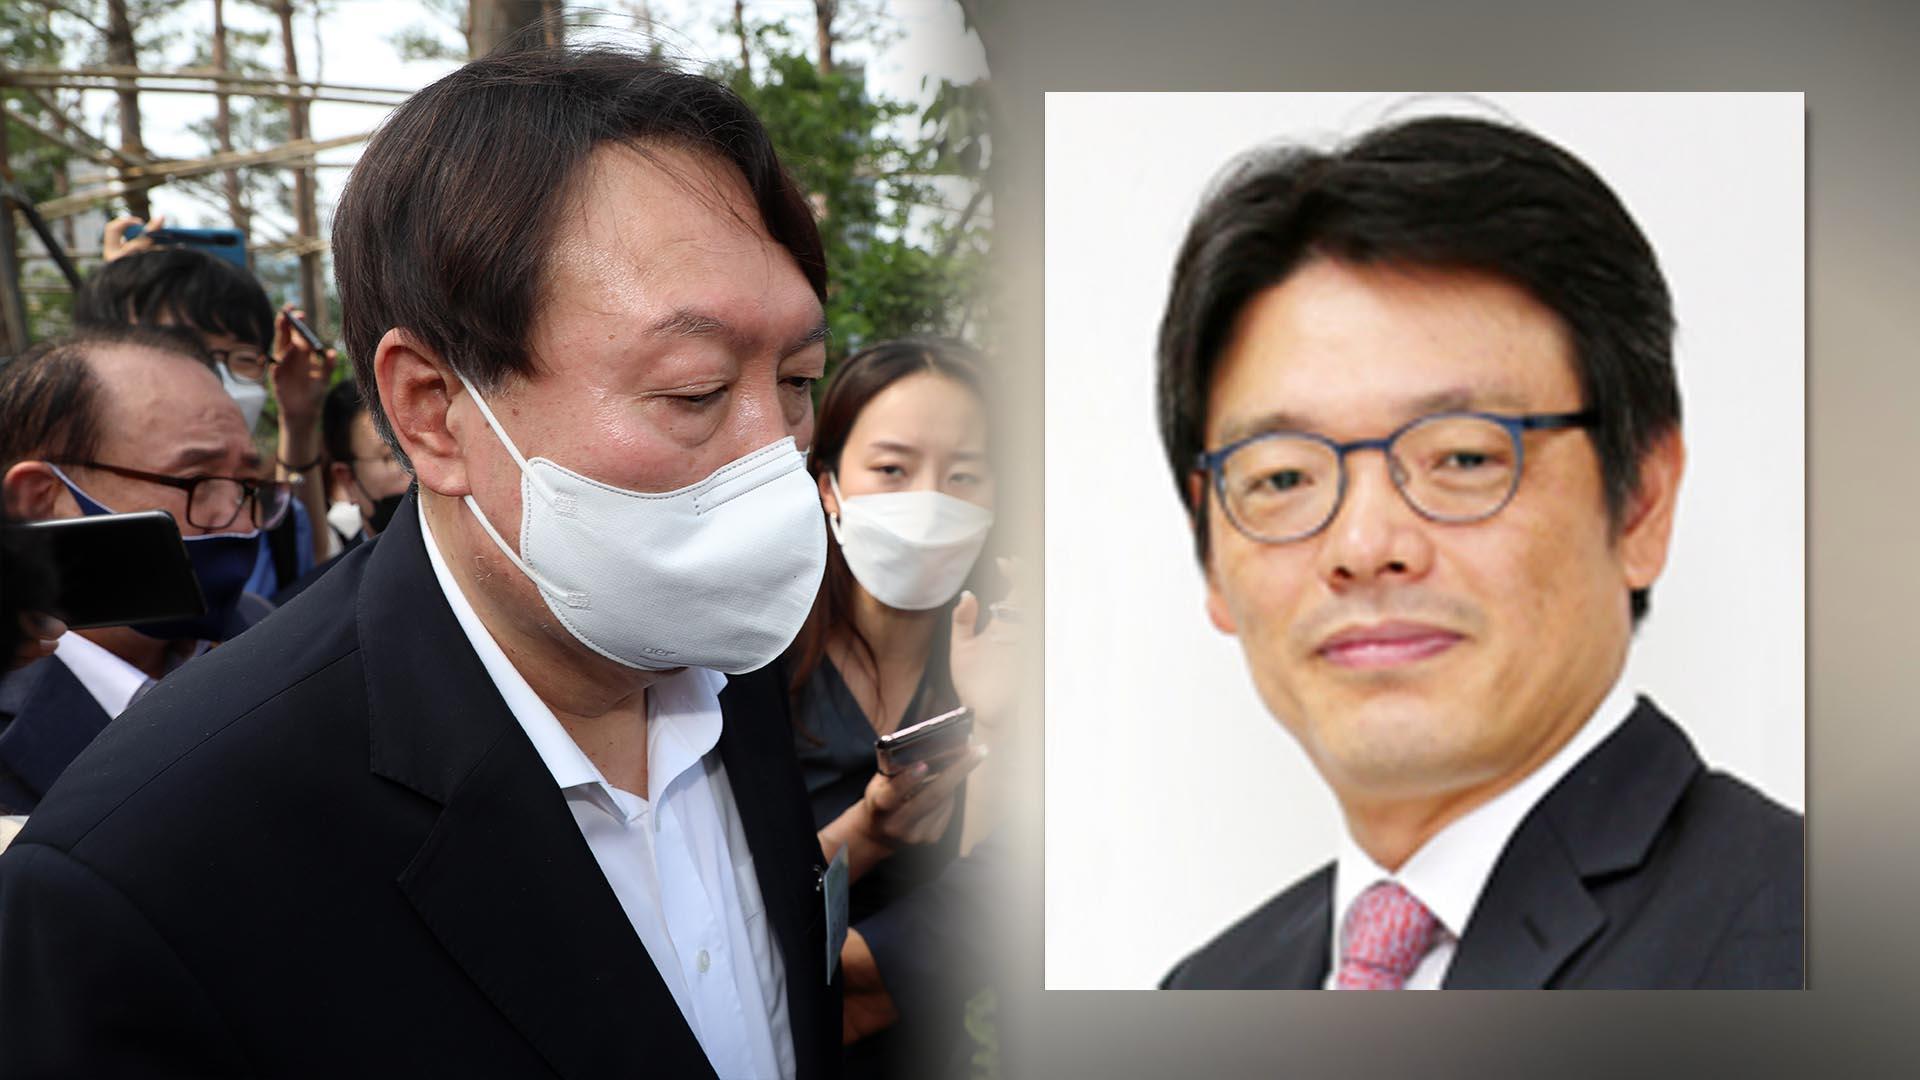 'X파일' 돌출 속 대변인 사퇴…윤석열 잇단 악재